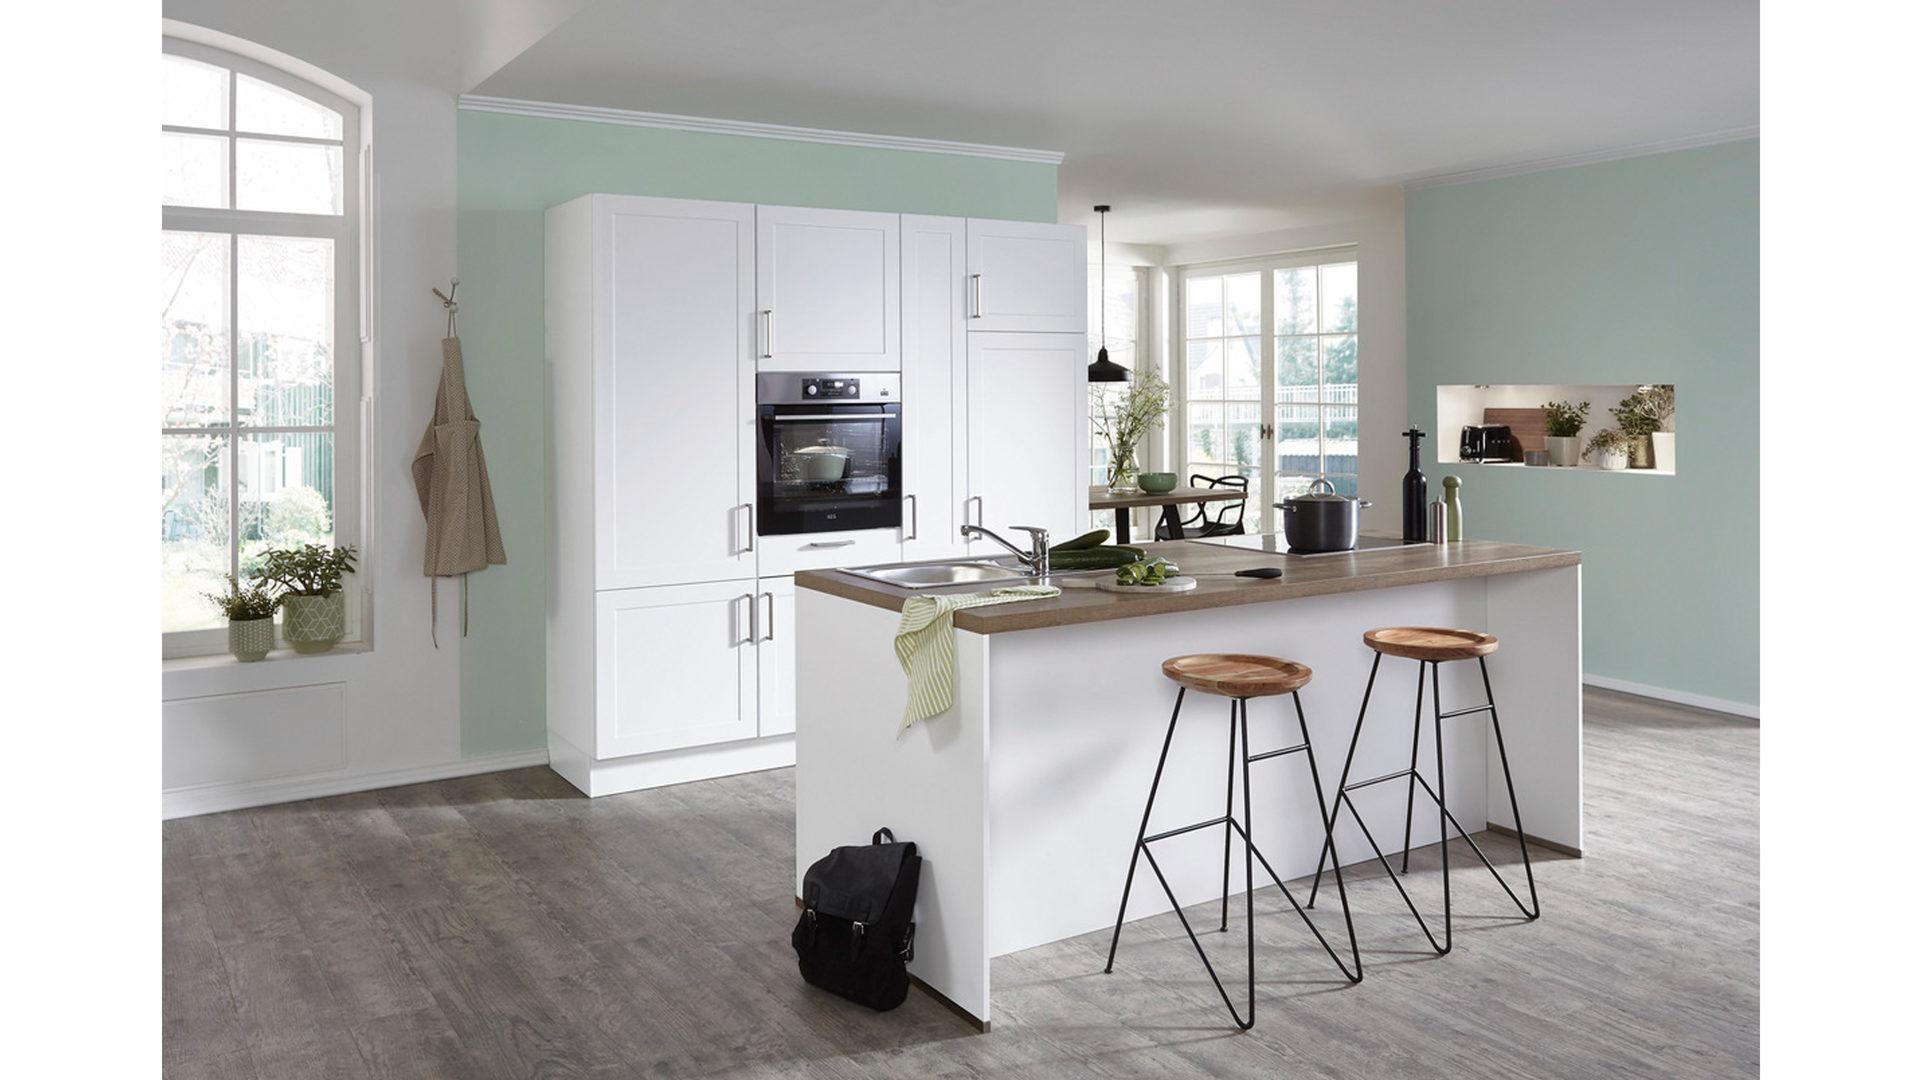 Möbel Bernskötter Mülheim, Räume, Küche, Einbauküche, Einbauküche ...